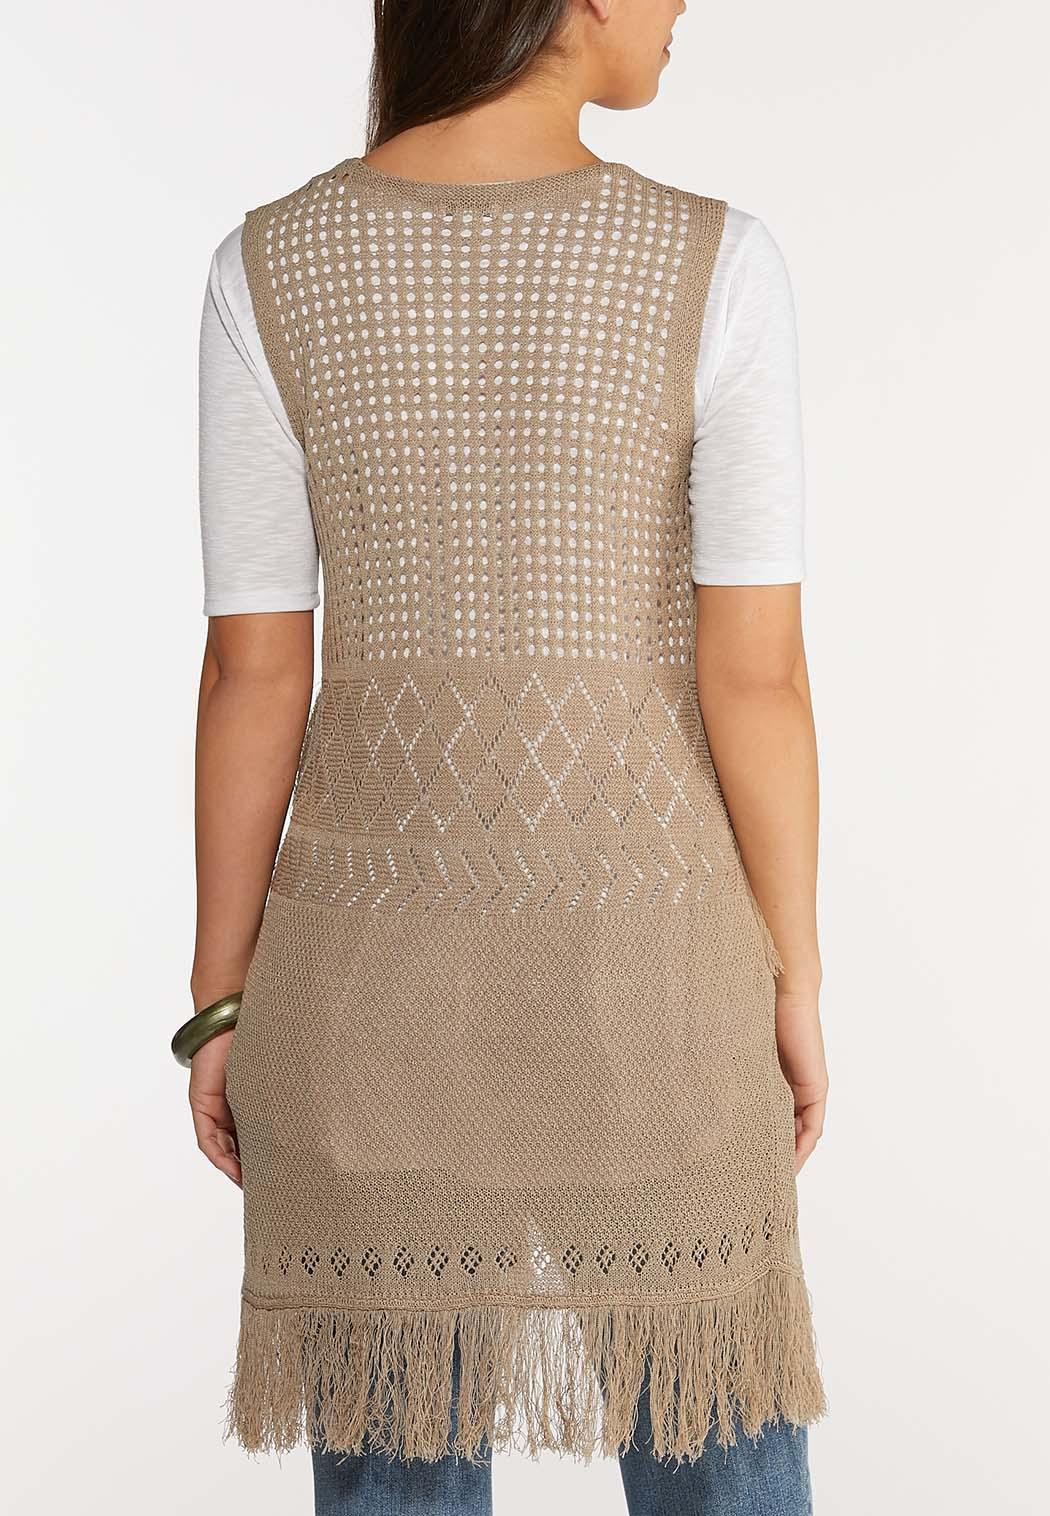 Fringe Crochet Vest (Item #43961581)